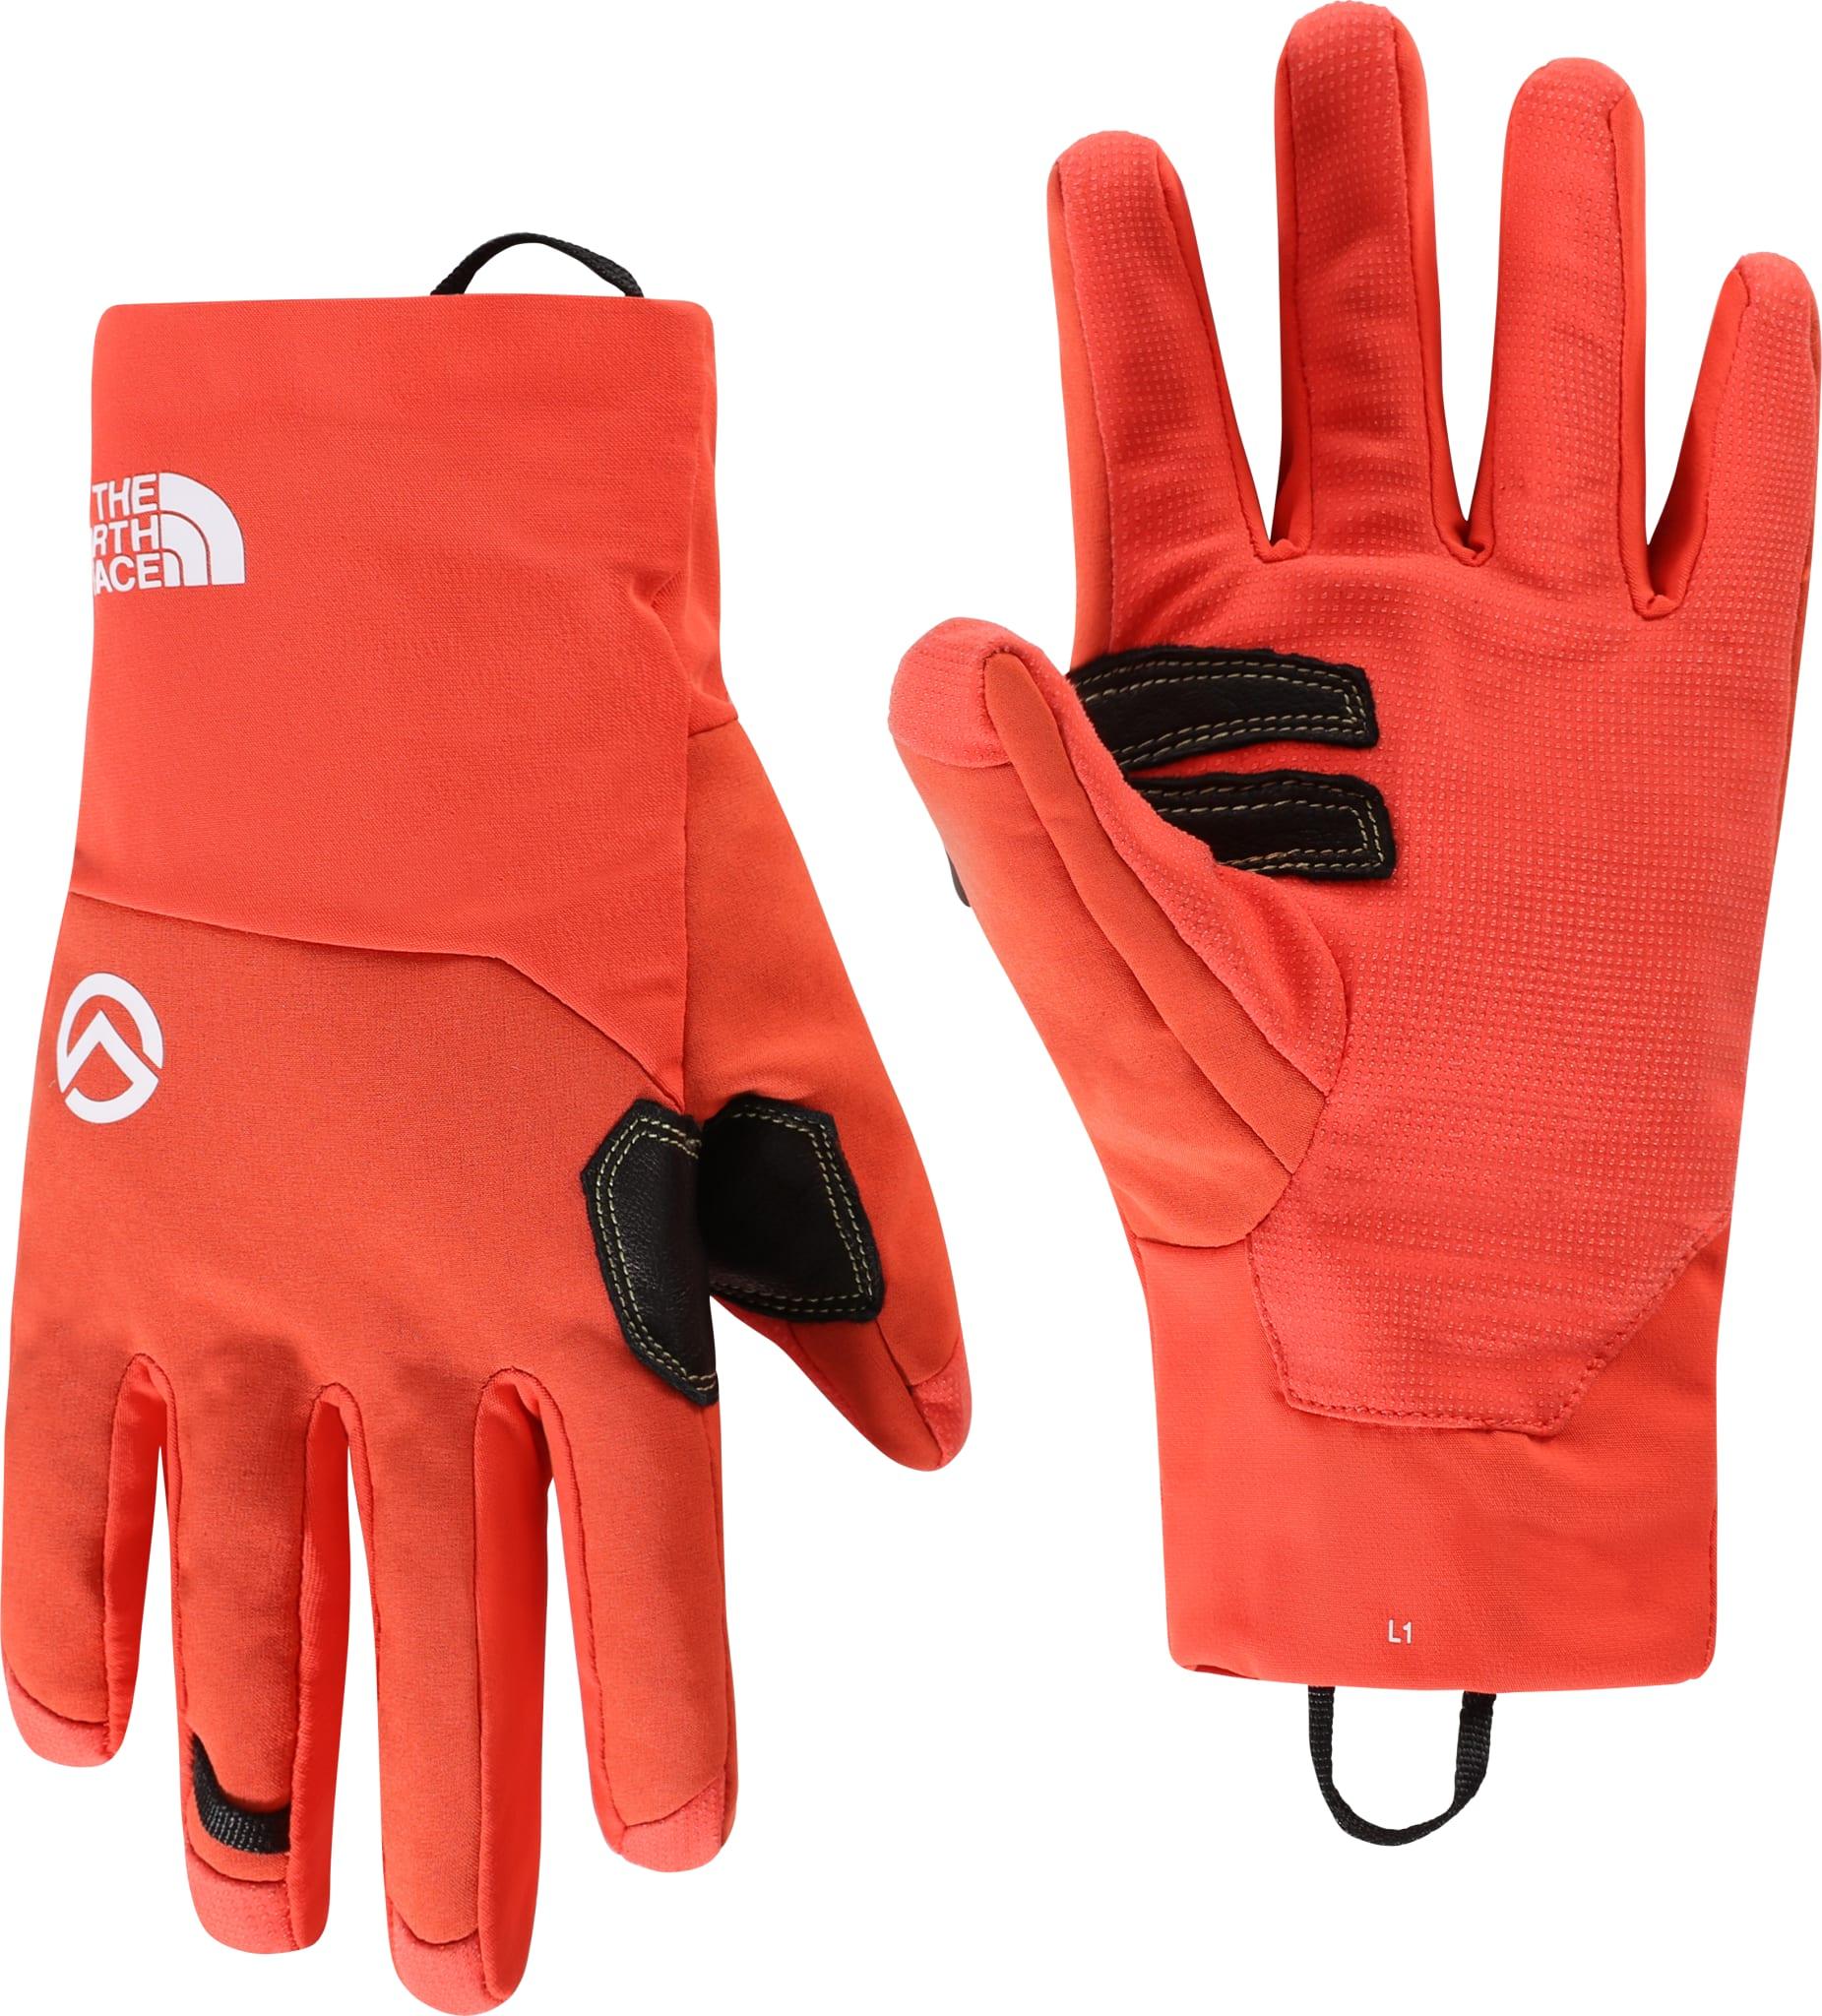 AMK L1 Softshell Glove